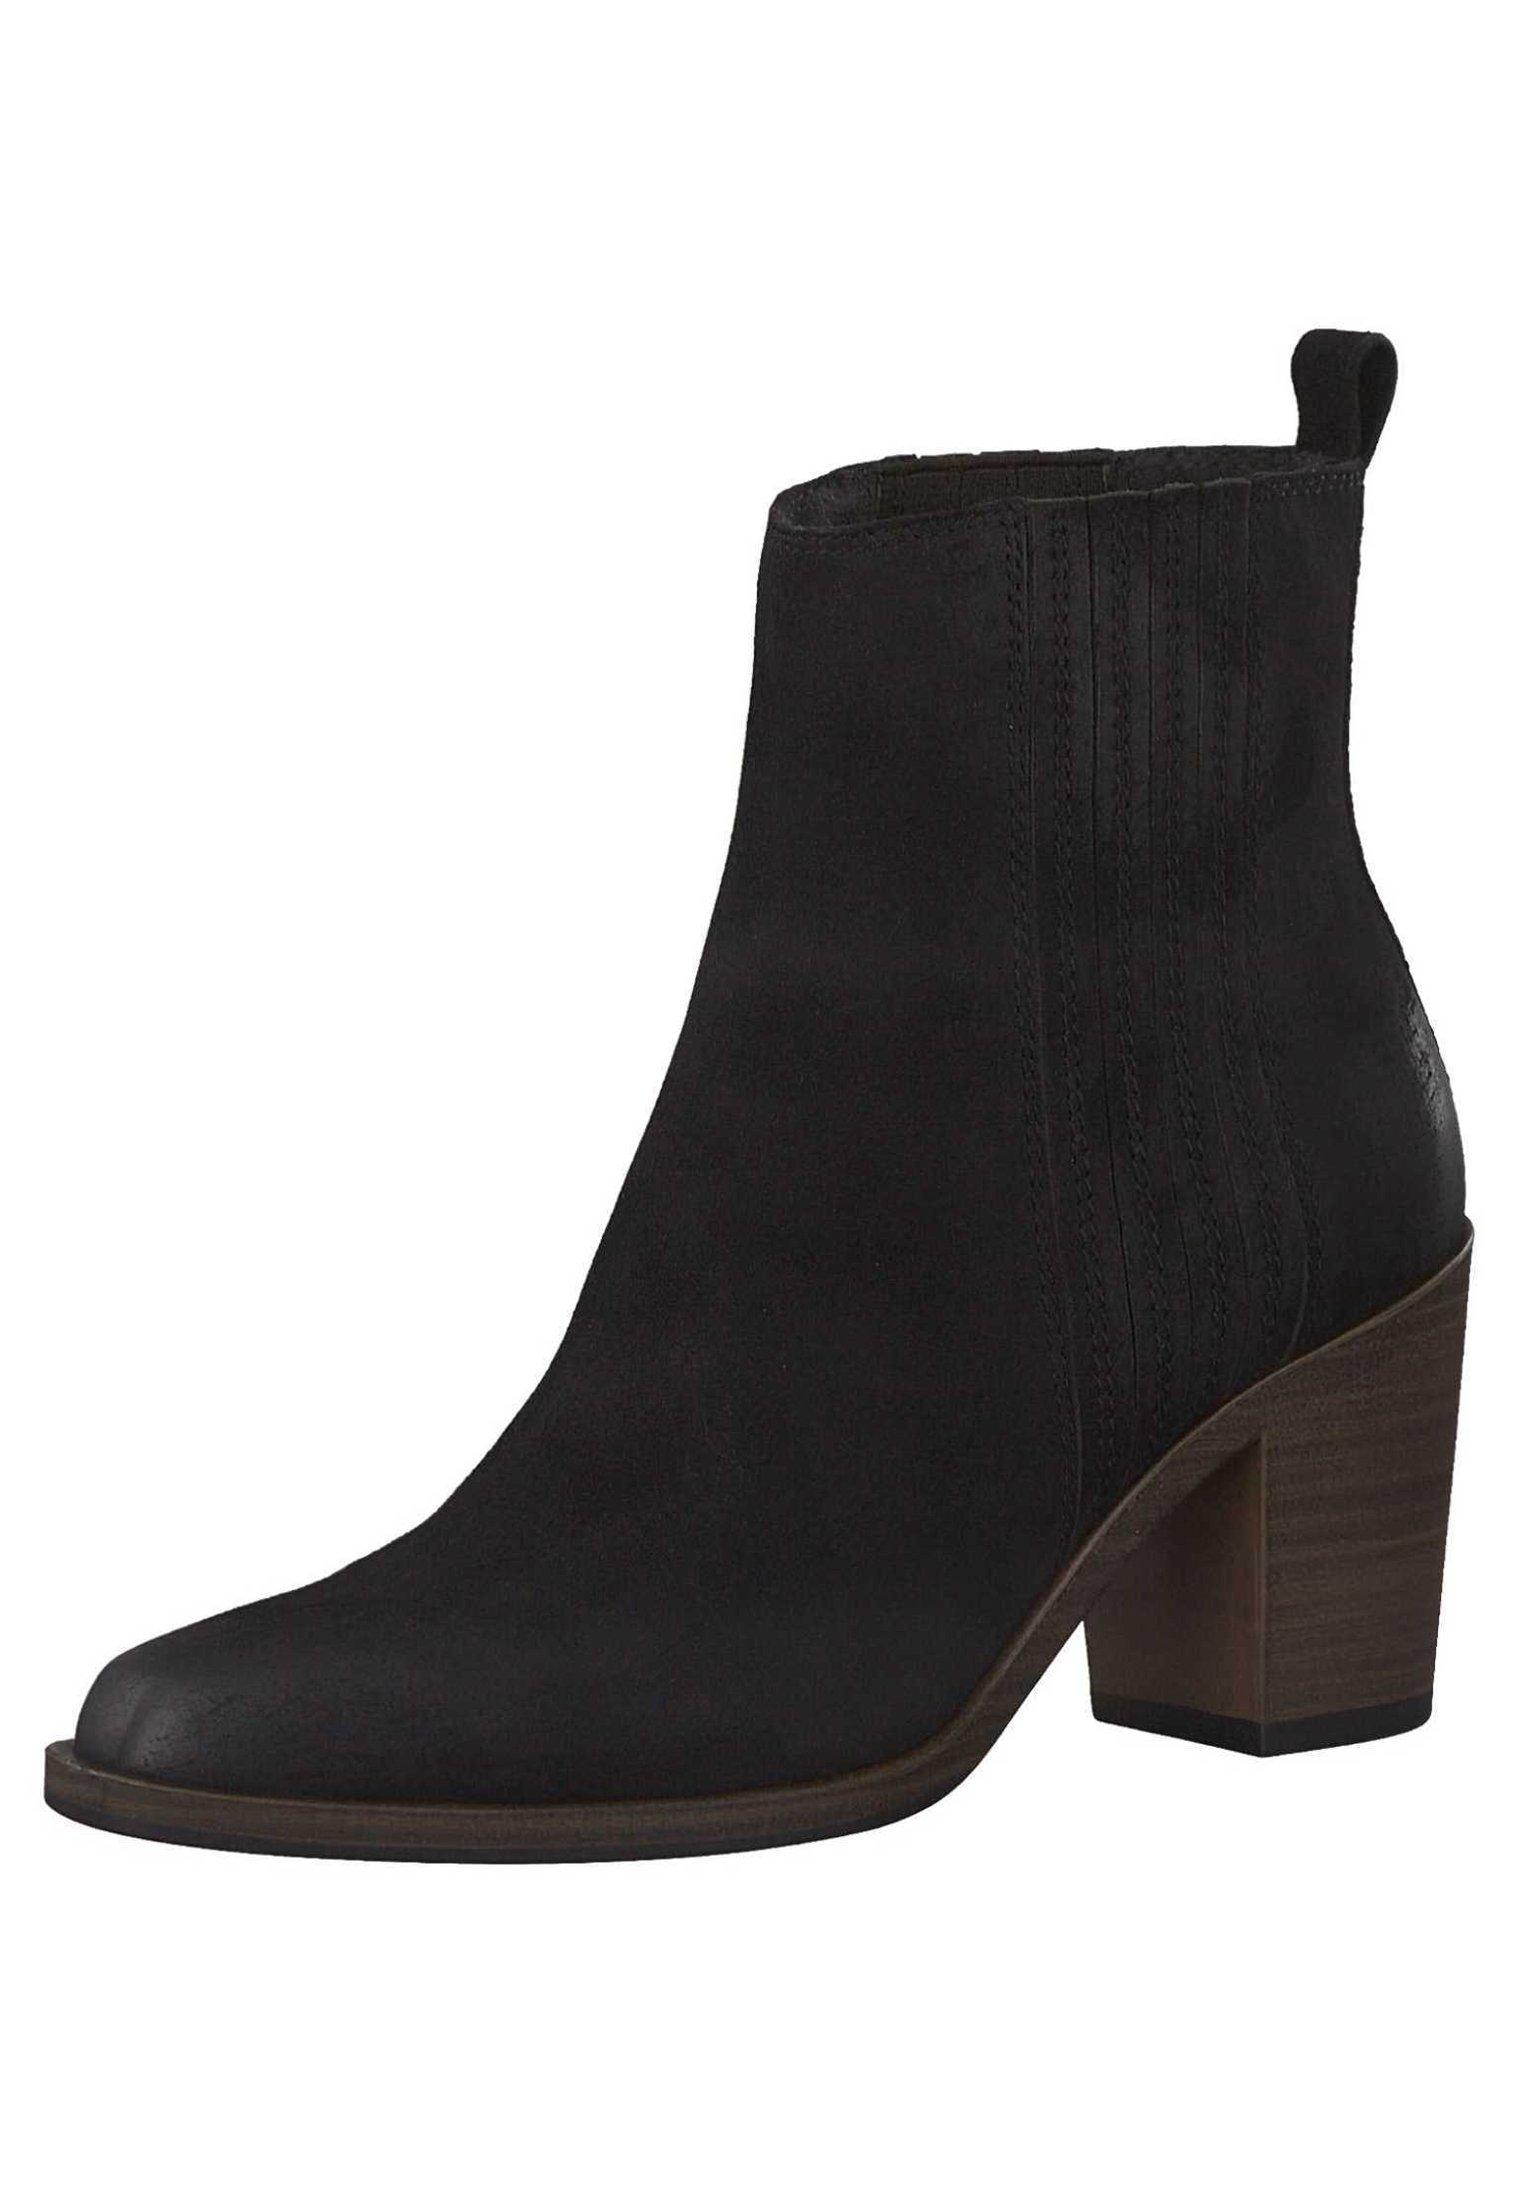 Tamaris High Heel Stiefelette black 1/schwarz